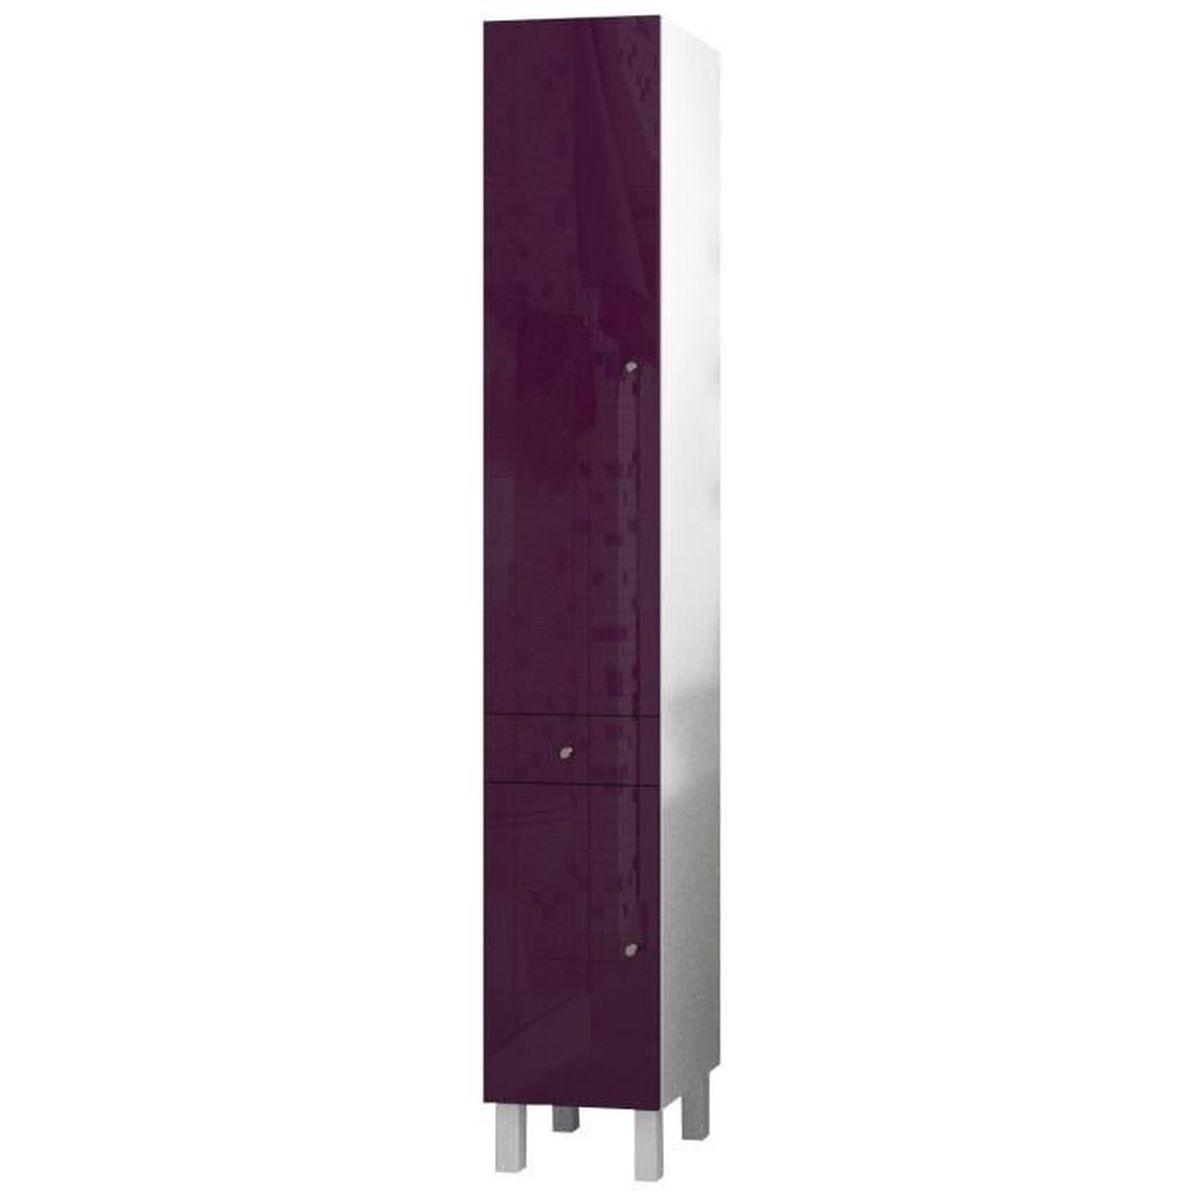 Corail colonne de salle de bain l 30 cm aubergine laqu - Colonne salle de bain laque ...